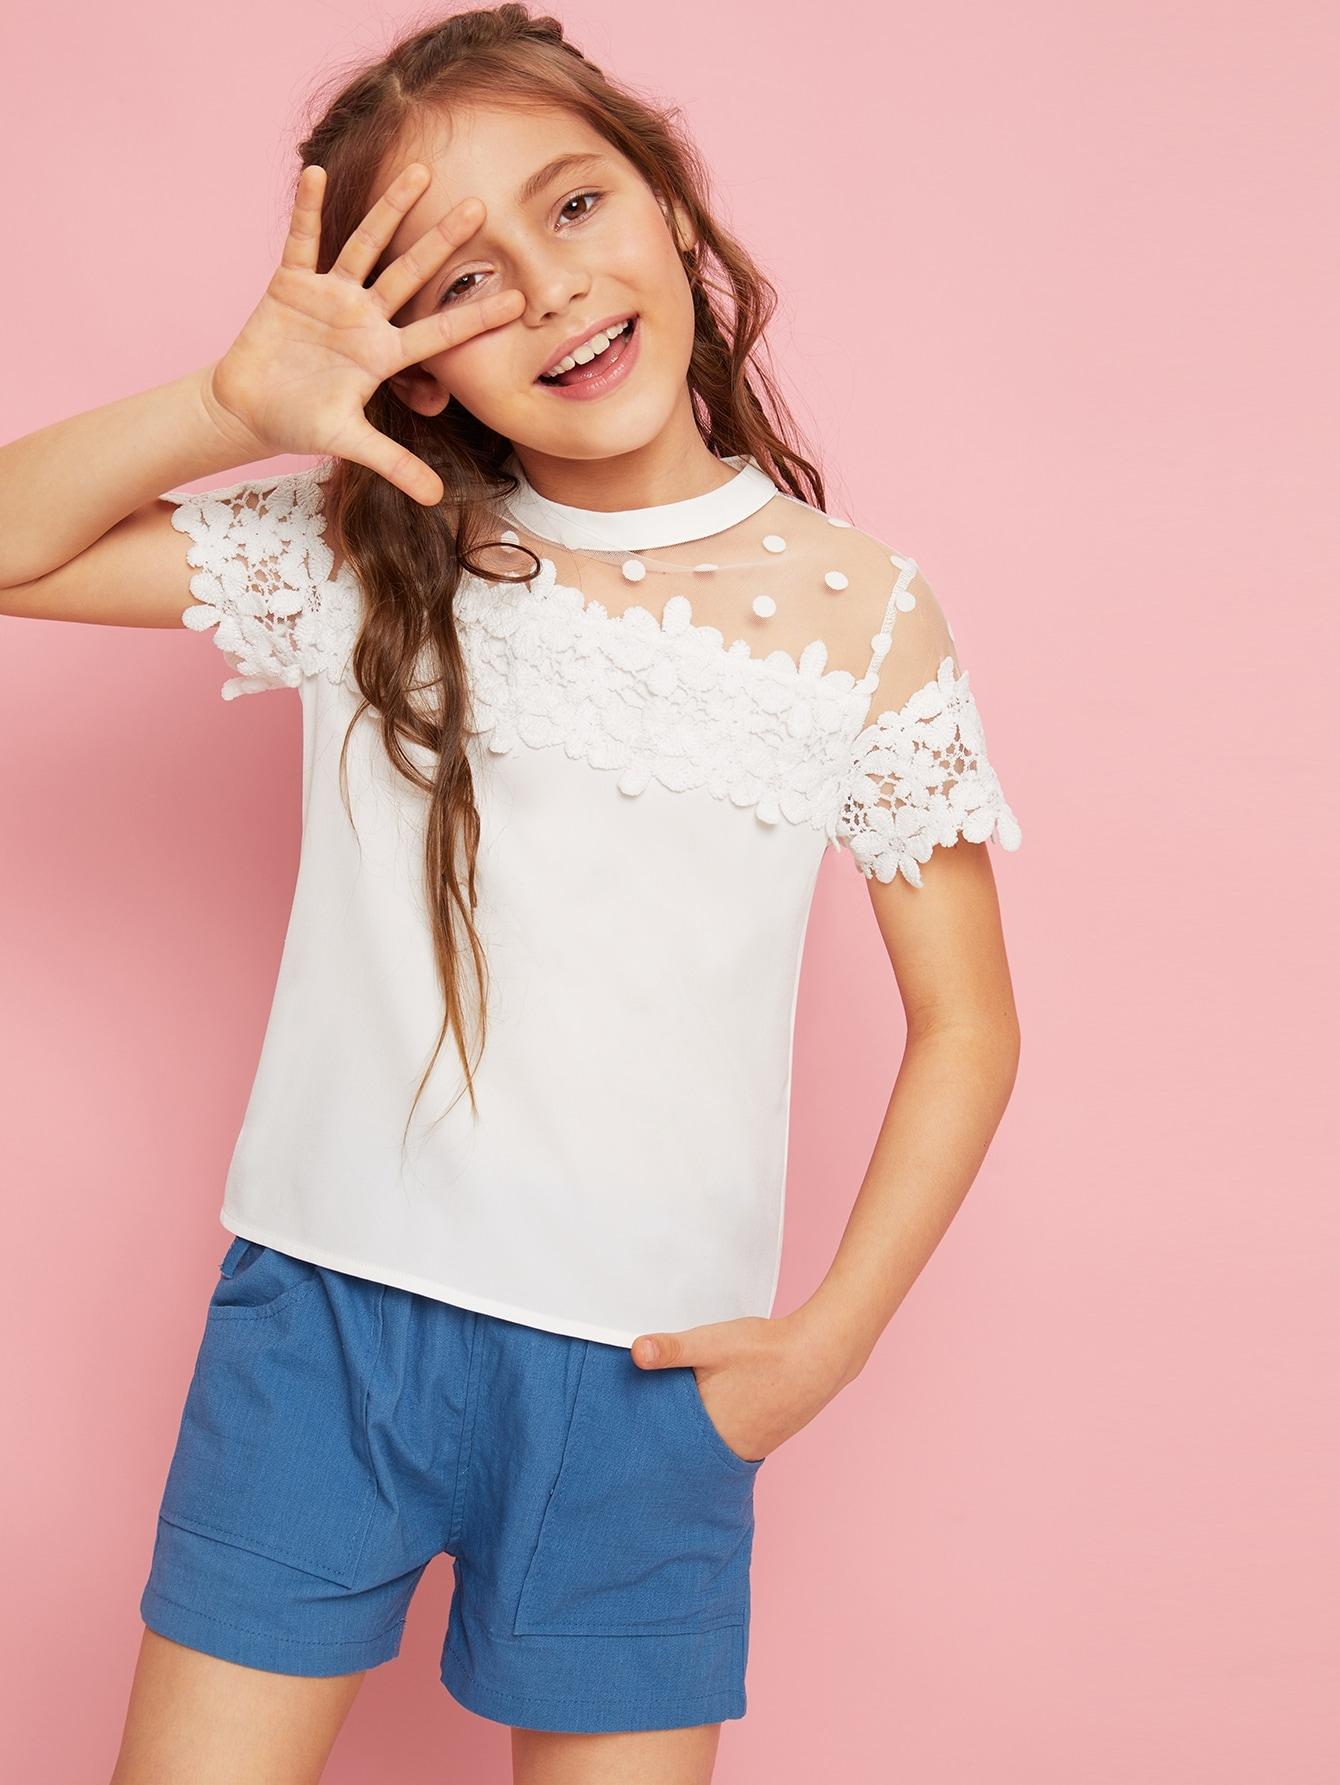 Фото - Топ в горошек с кружевом для девочек от SheIn белого цвета